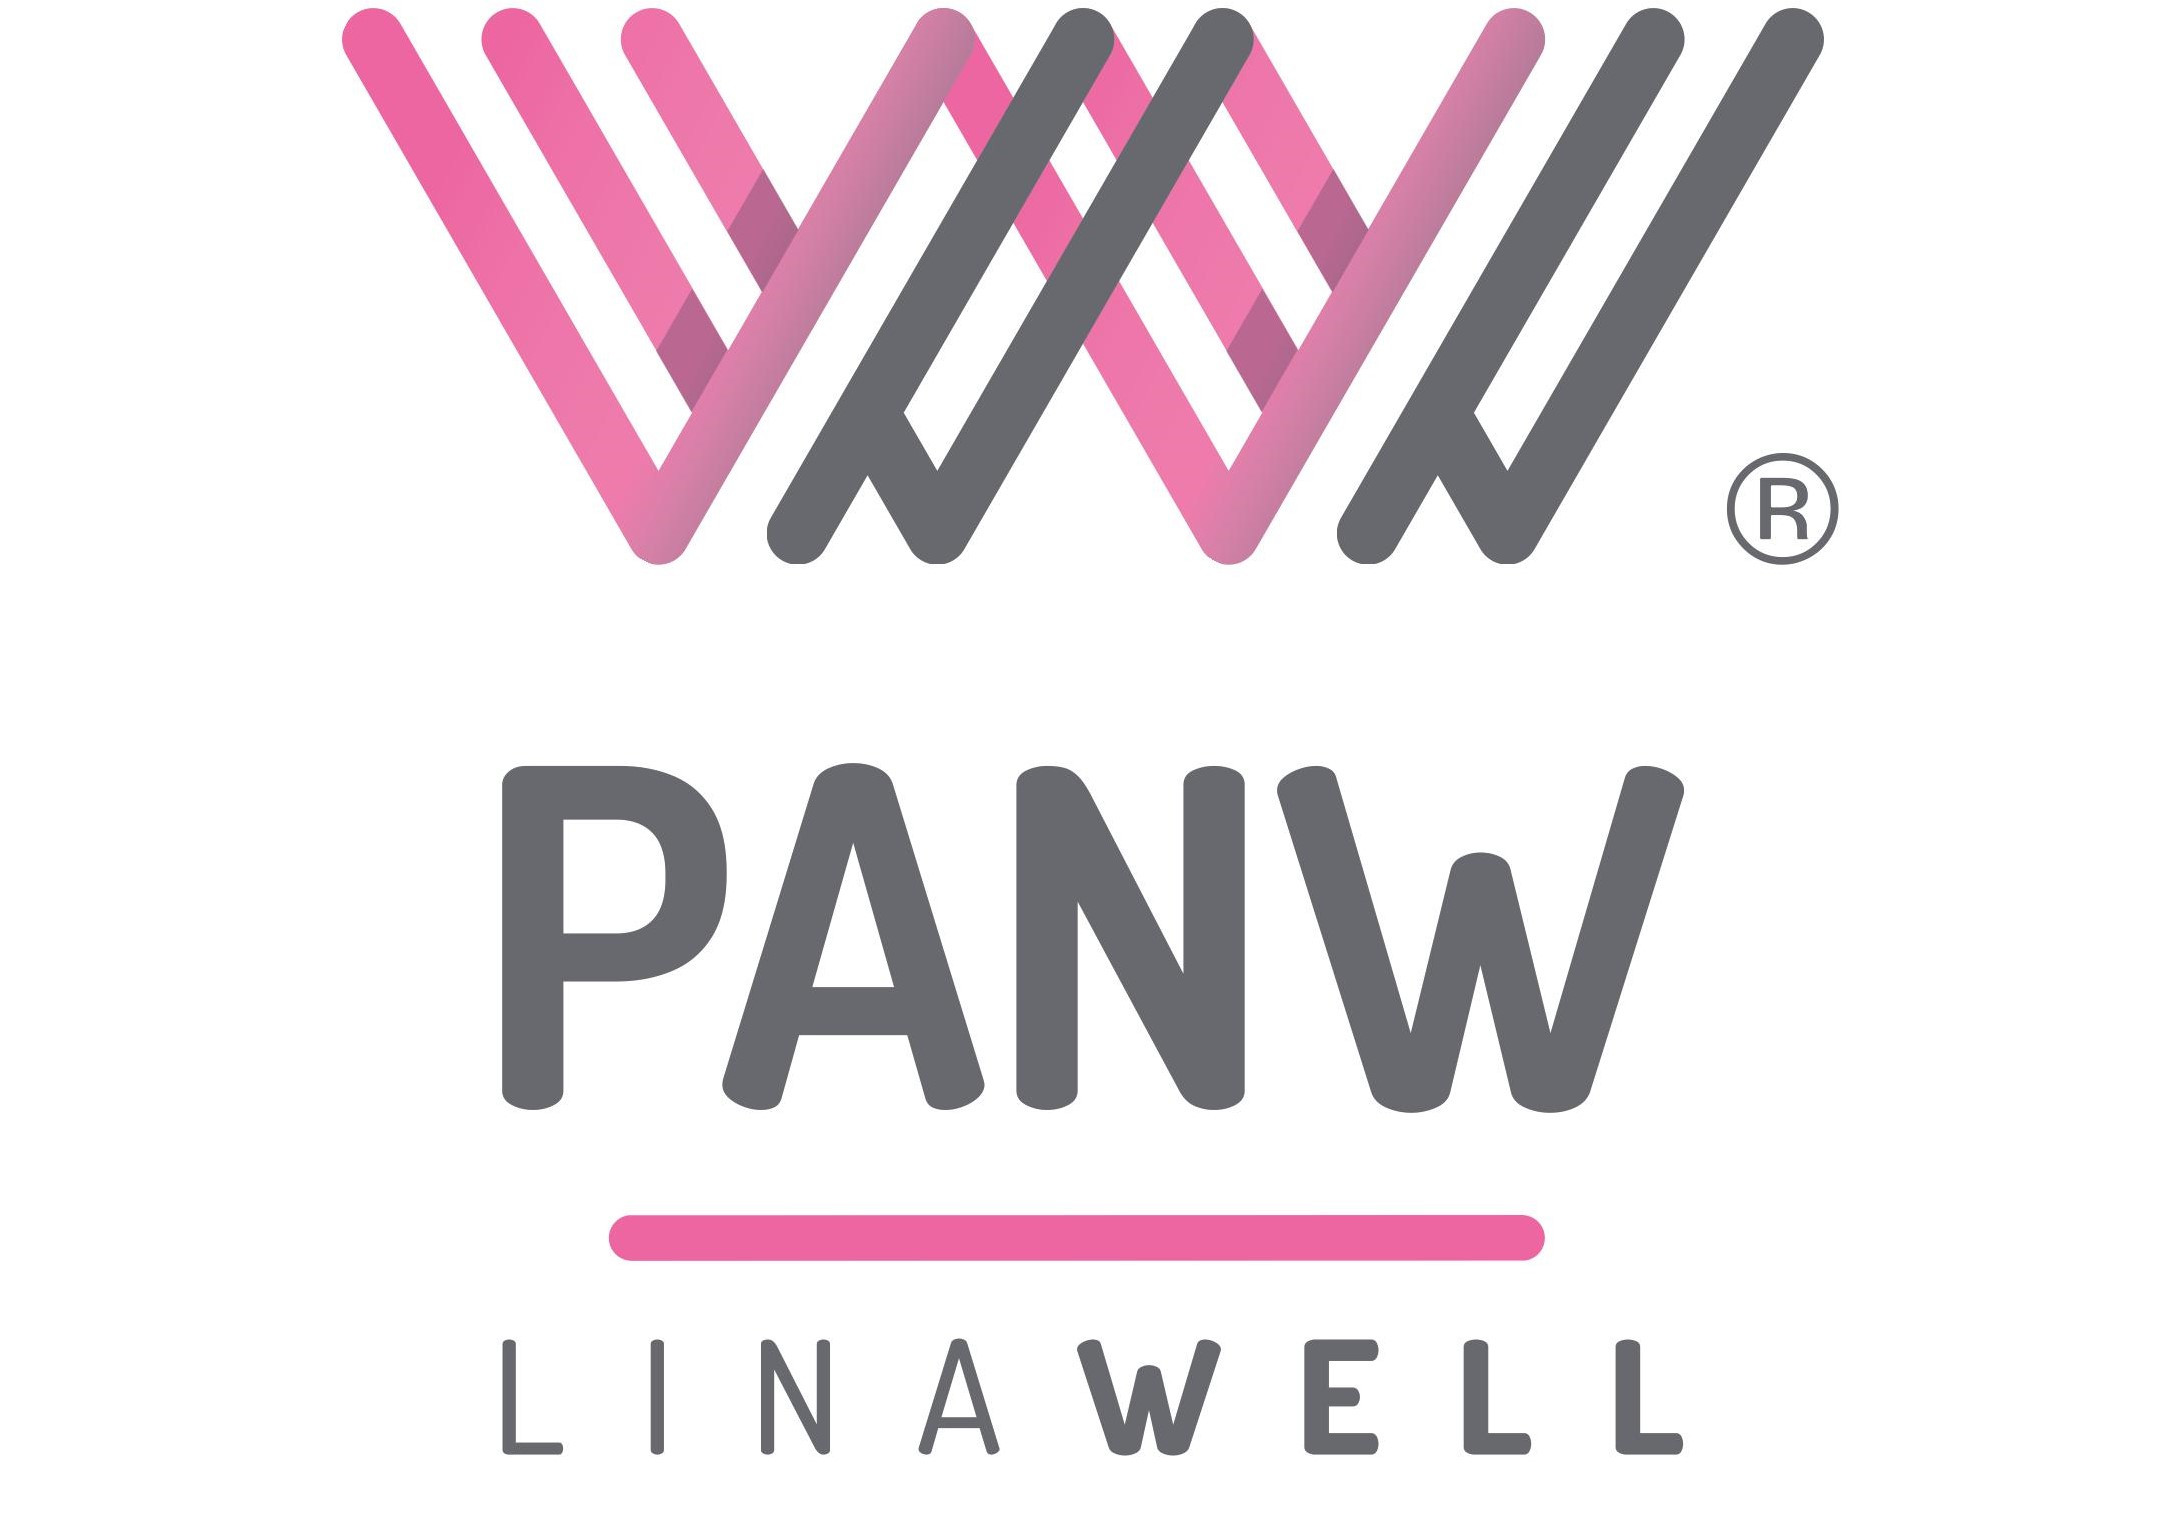 PANW LINAWELL